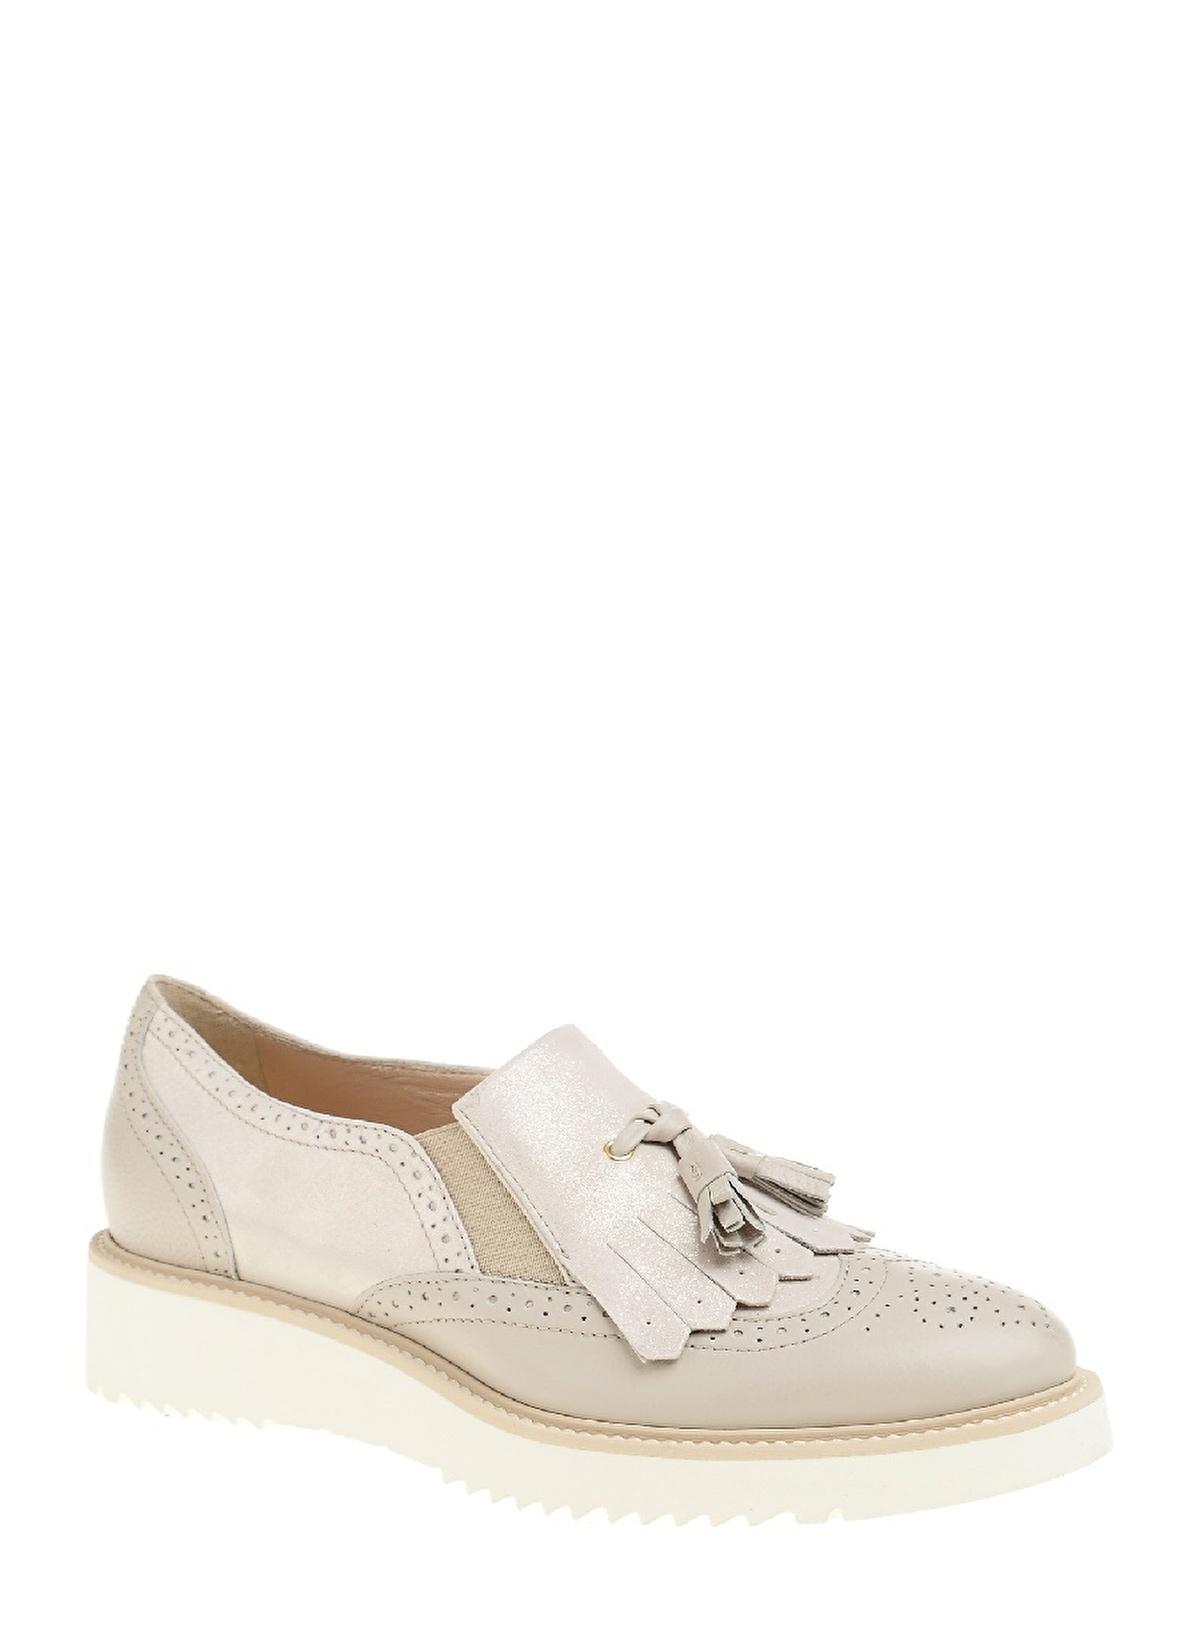 Divarese Püsküllü Oxford Ayakkabı 5019769 K Ayakkabı – 438.0 TL